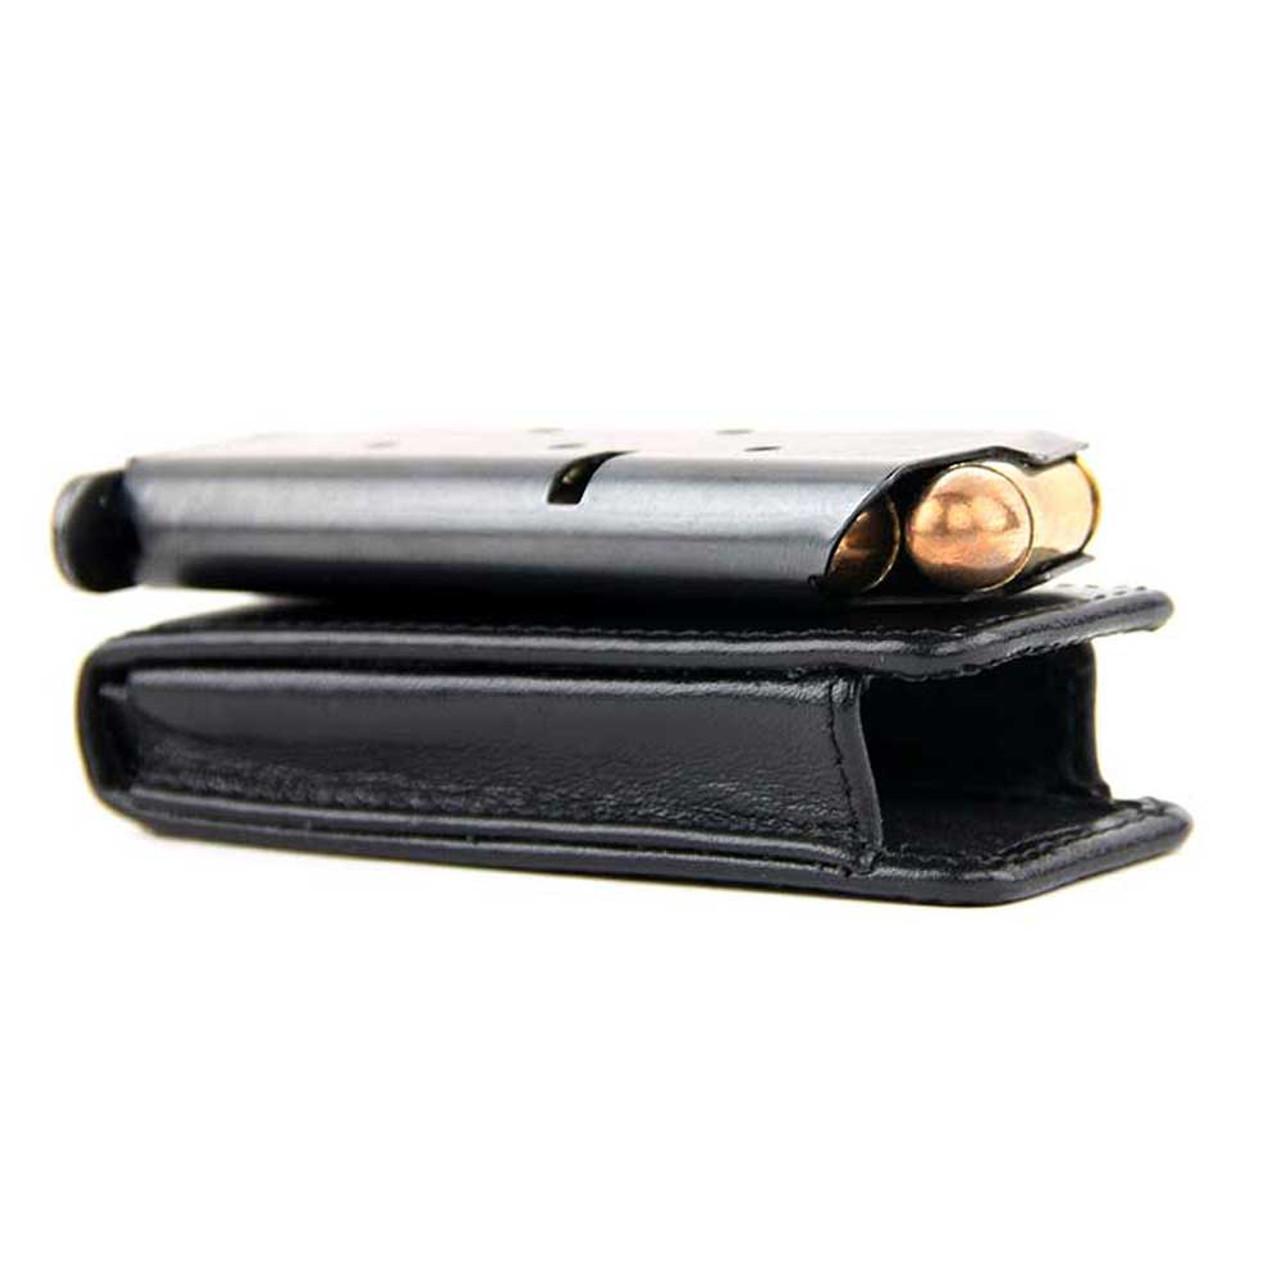 .25 & .32 cal Magazine Pocket Protectors